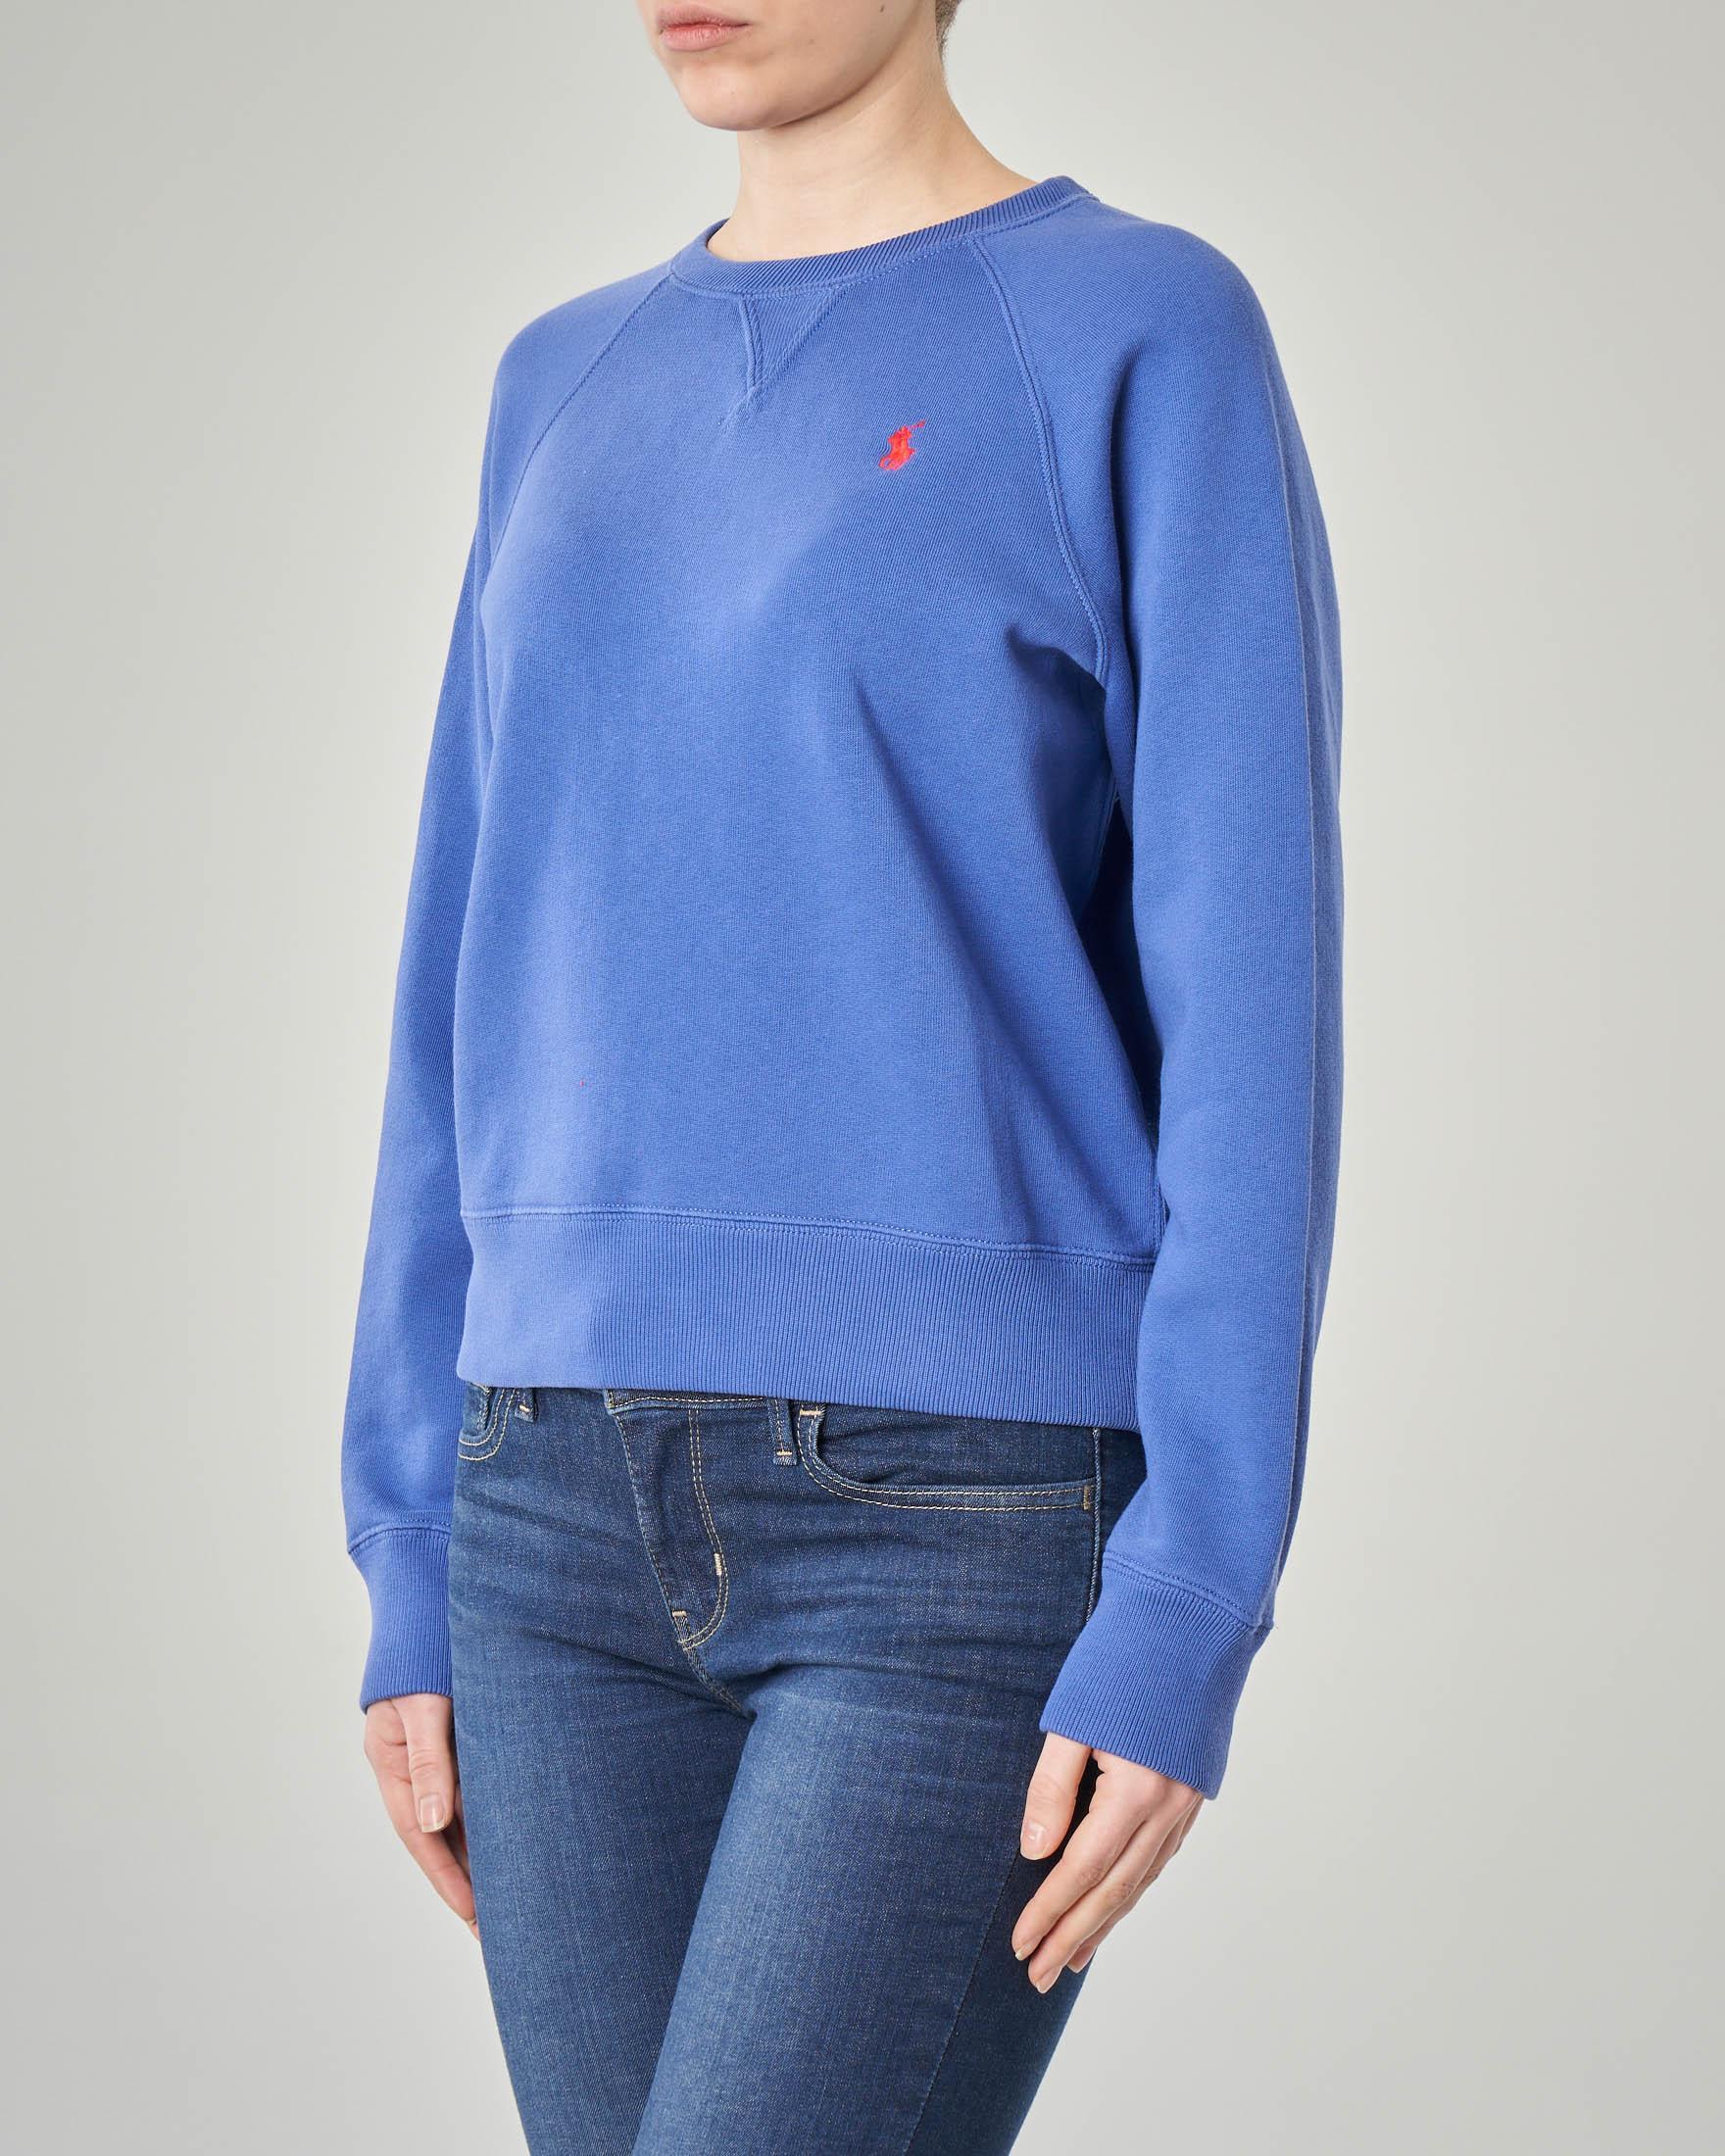 Felpa blu royal girocollo in jersey di cotone